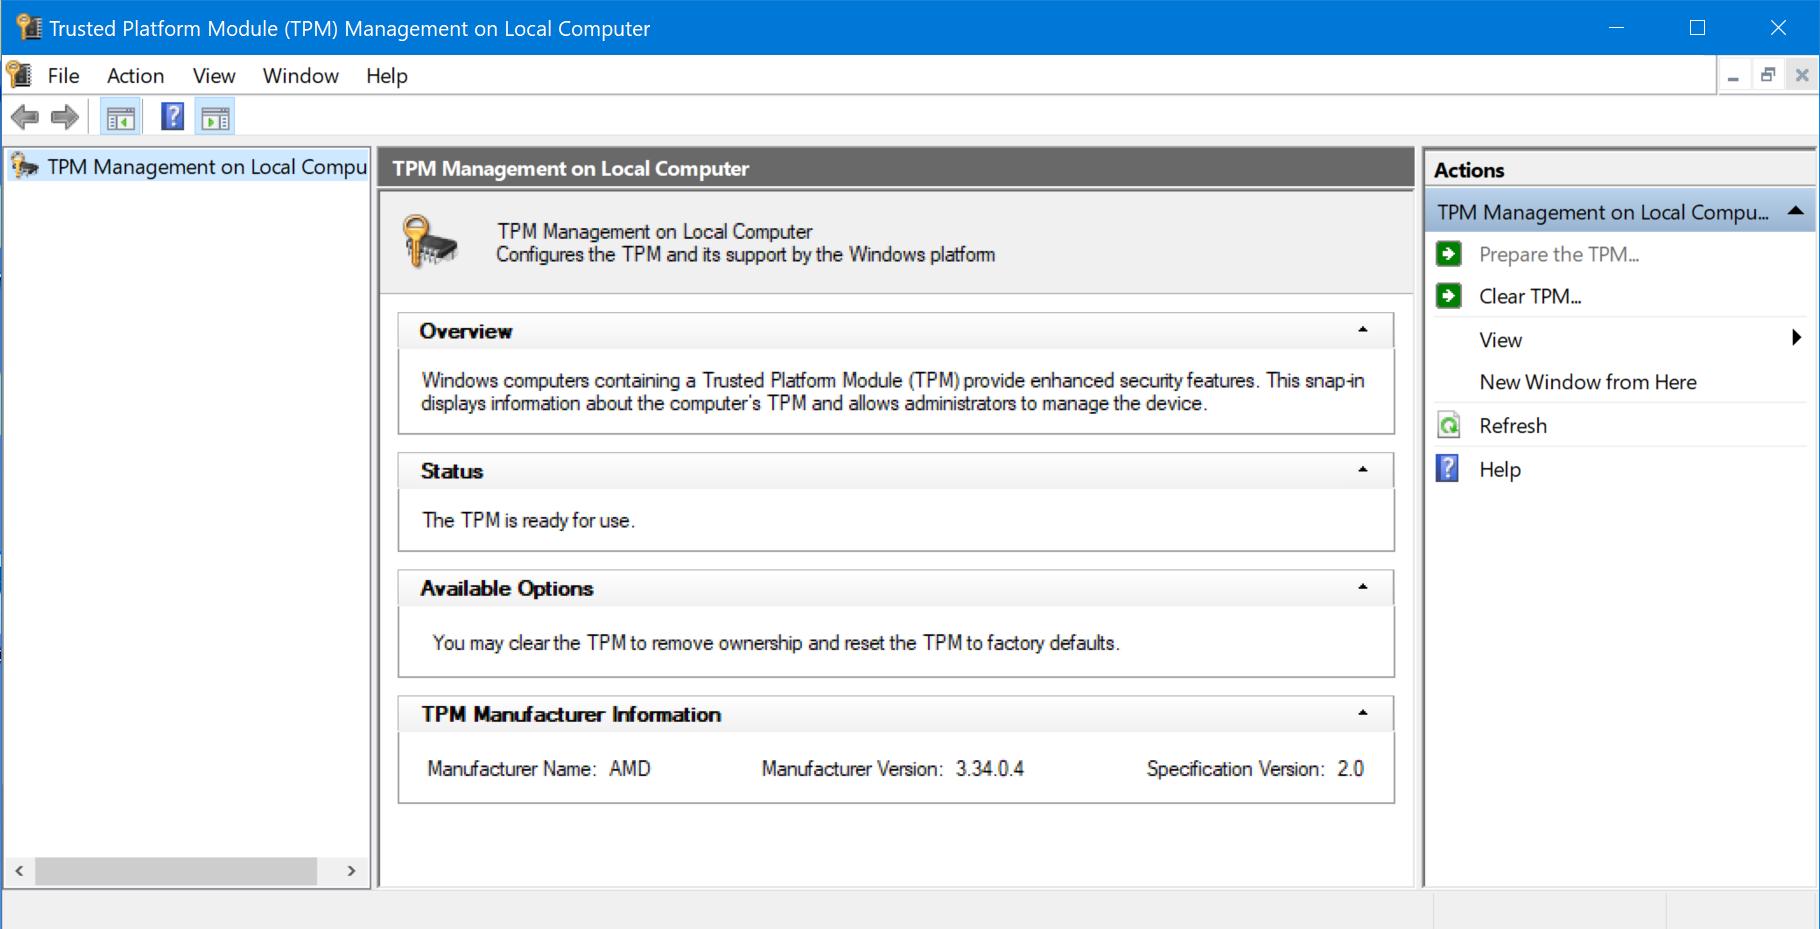 Check TPM in Windows